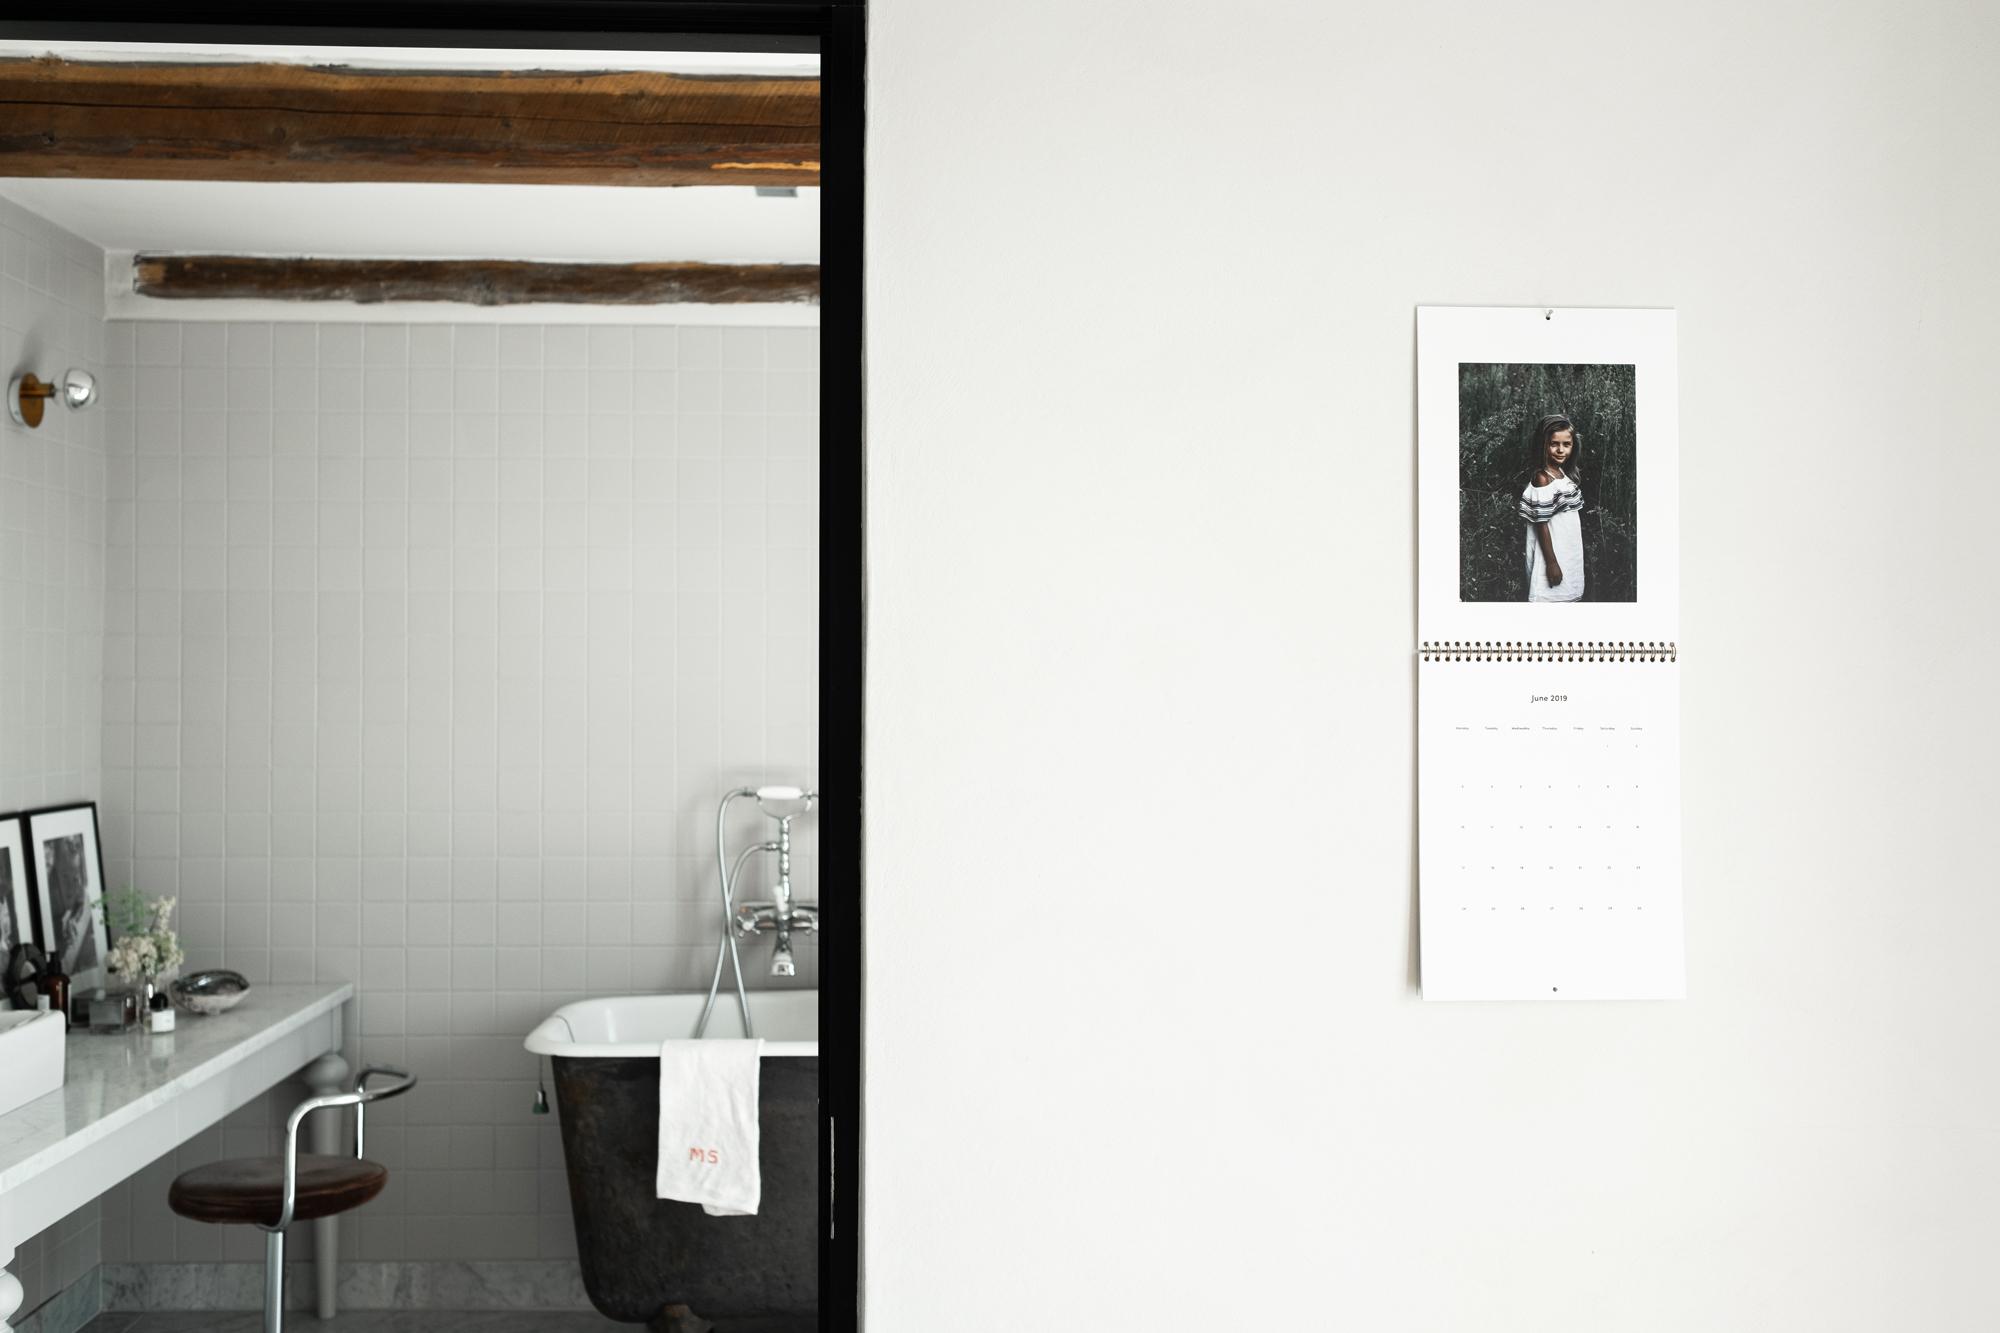 framkalla-foto-kalender-vägg-framkallning-prints